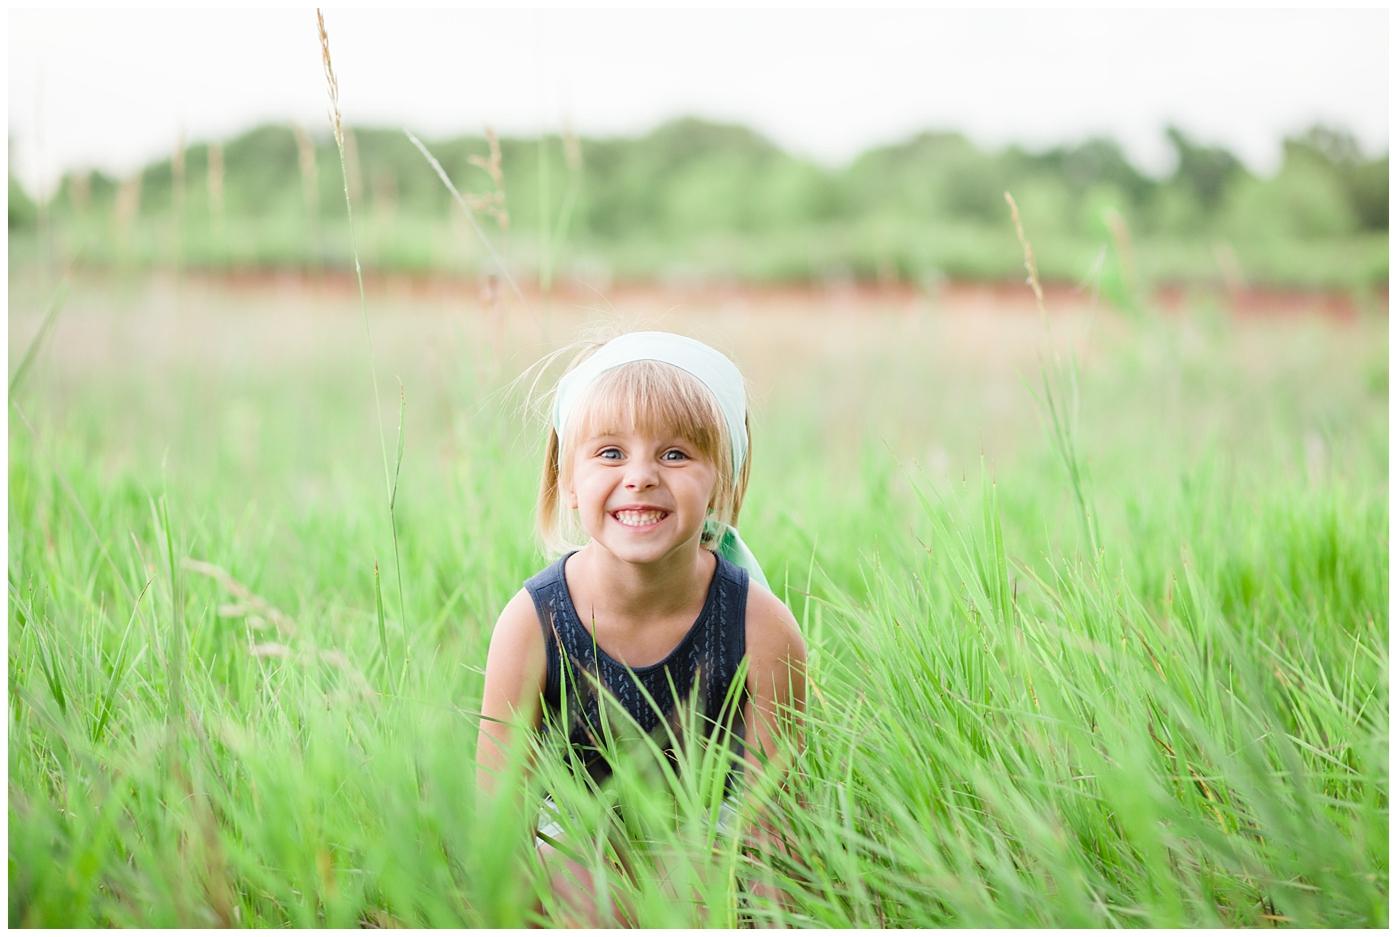 20150728FamilySunderlandJessica028_fort collins family photographer.jpg